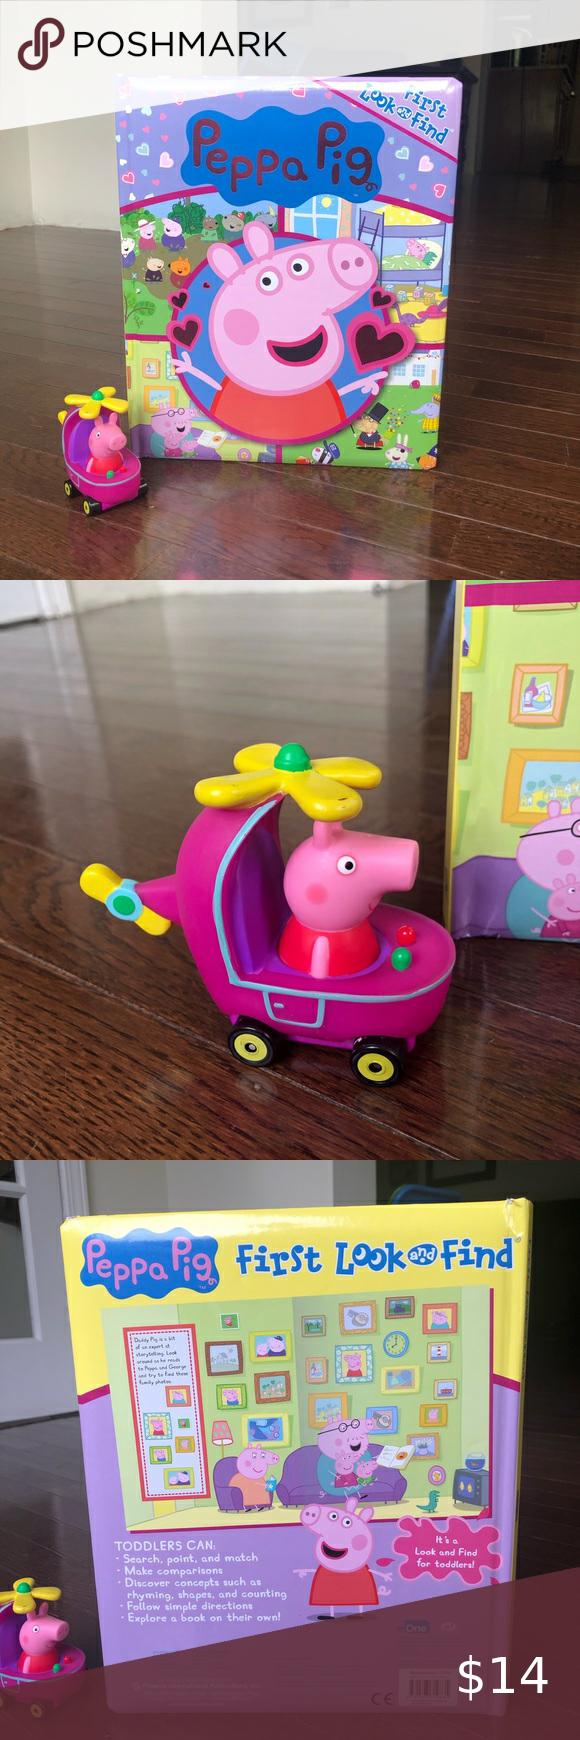 Peppa Pig Look Find Book Peppa Pig Toys Peppa Pig Peppa [ 1740 x 580 Pixel ]